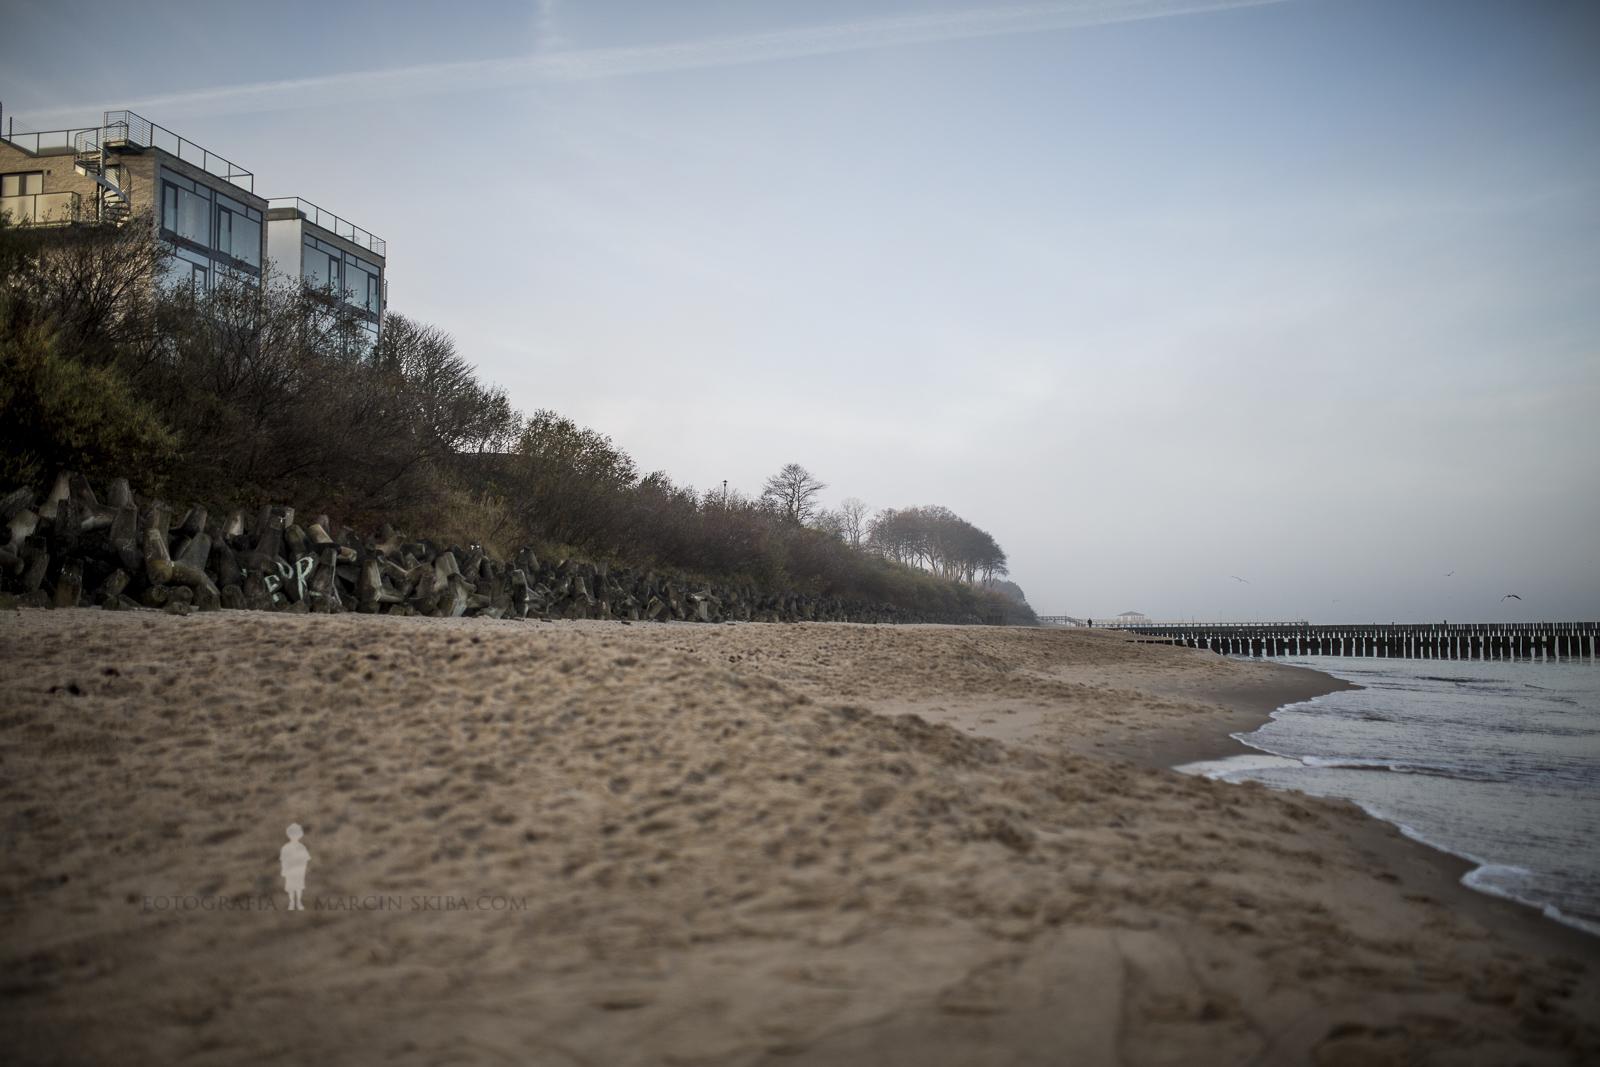 Bałtyk-Morze-Bałtyckie-Ustronie-Morskie-14